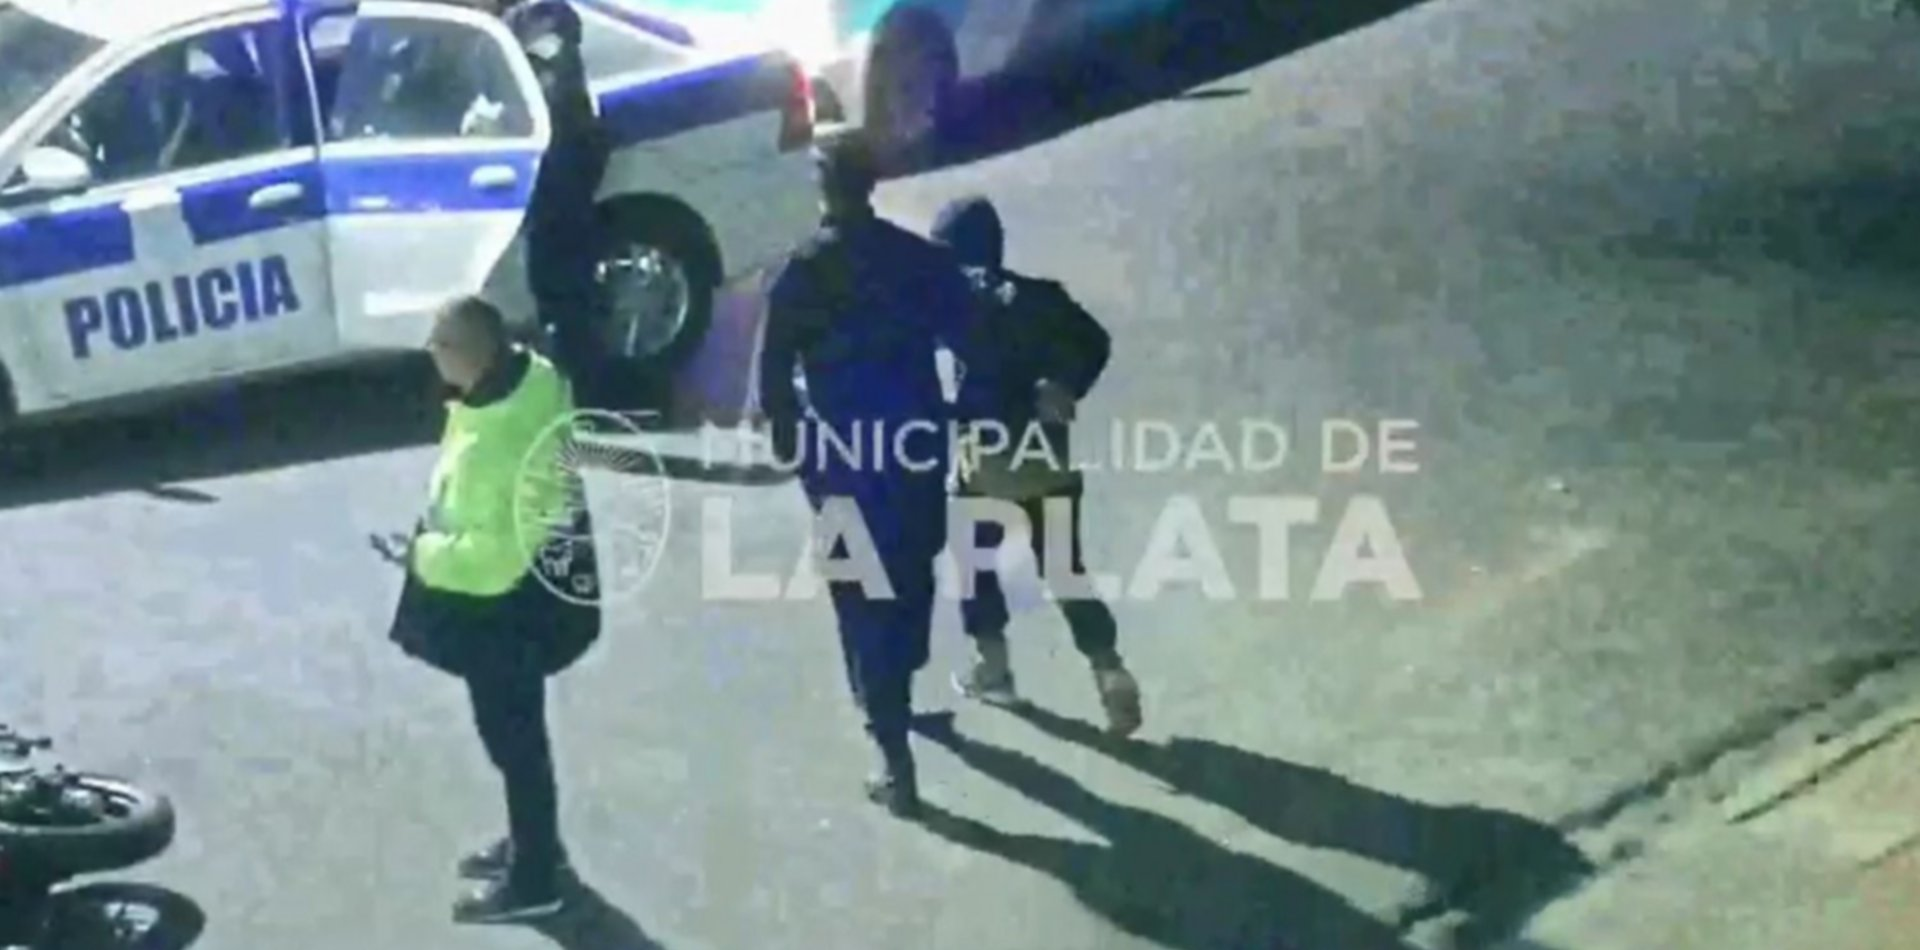 VIDEO: Chocaron con la moto, los fueron a atender y descubrieron que estaban armados